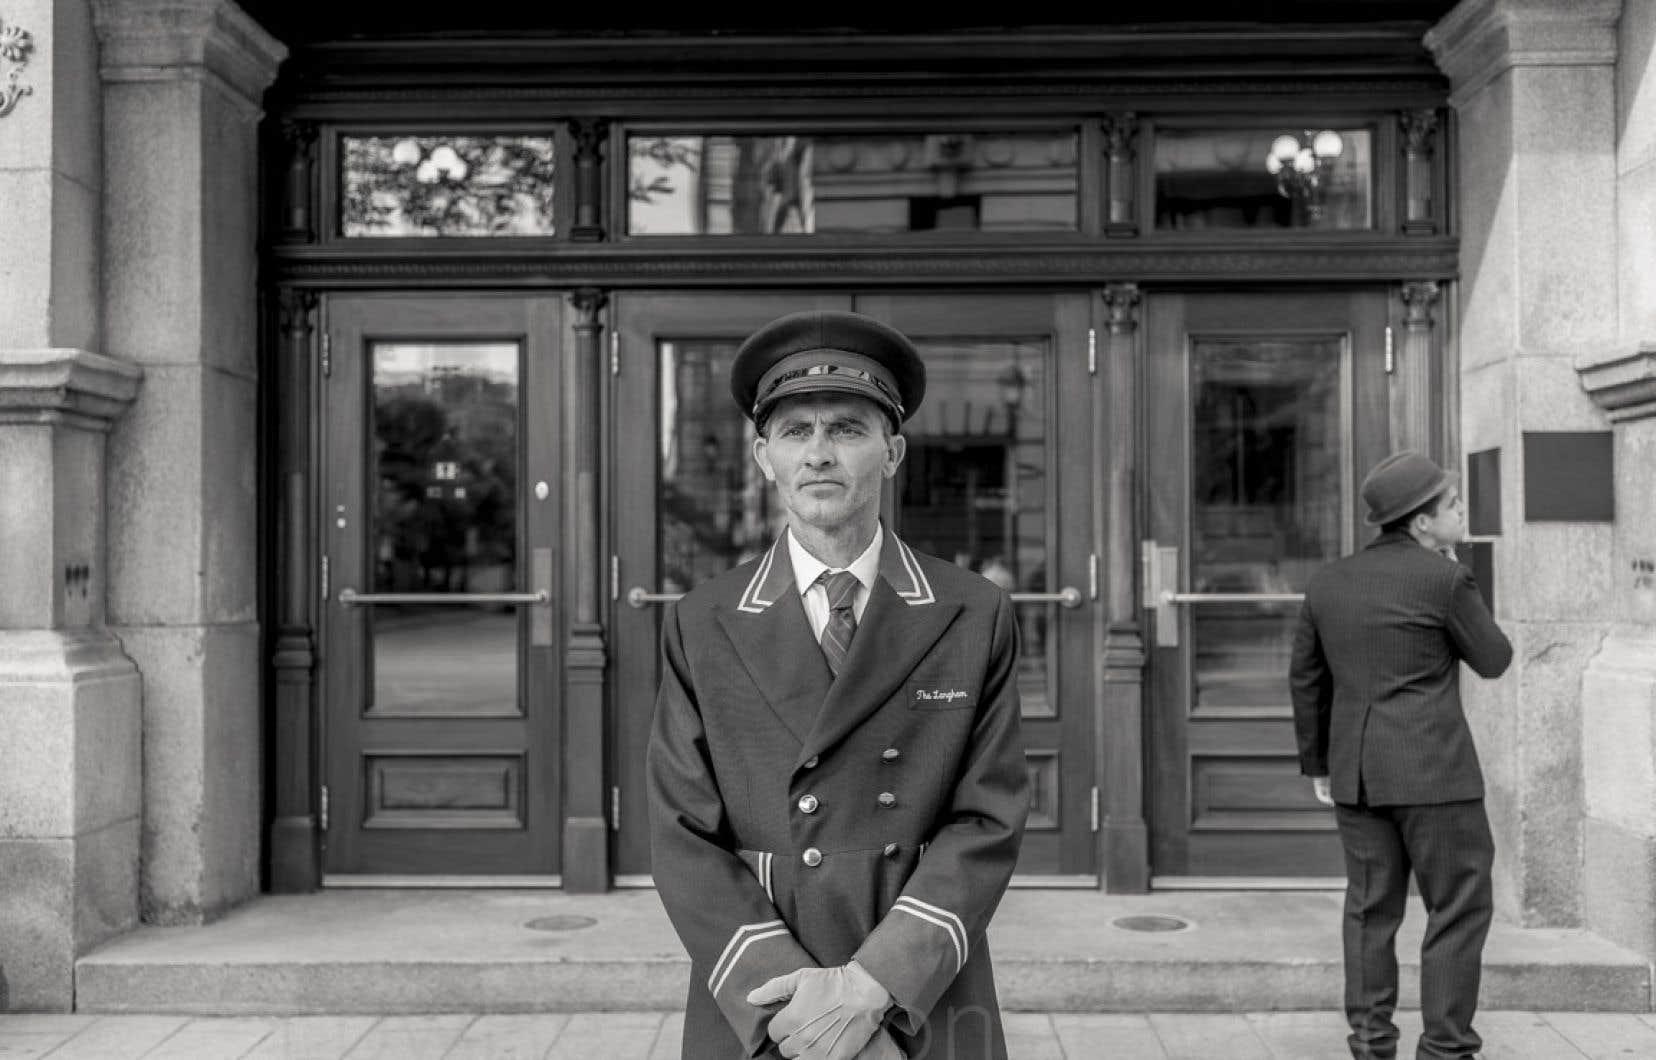 Le chanteur Joe Heaney travaillera sur les chantiers et comme portier d'hôtel à New York avant de connaître une consécration aux États-Unis.